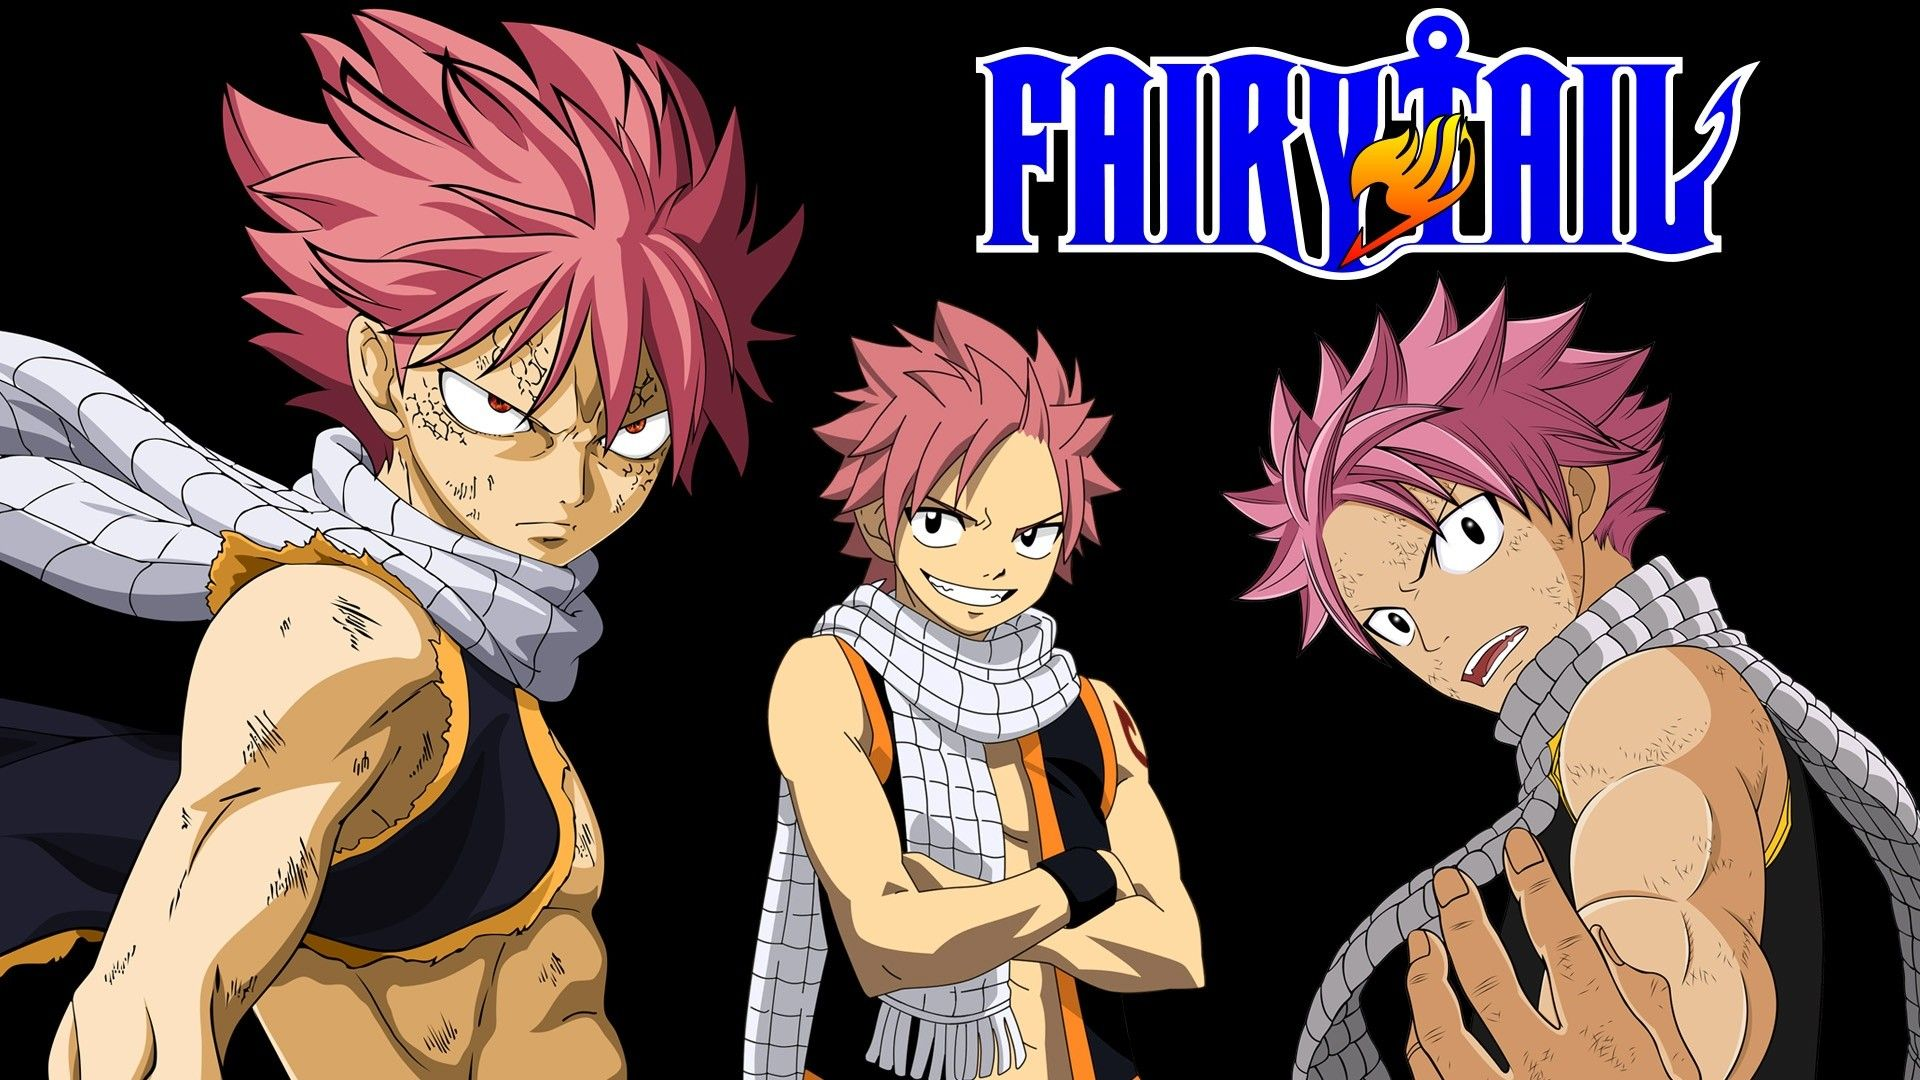 Fairy Tail Natsu image